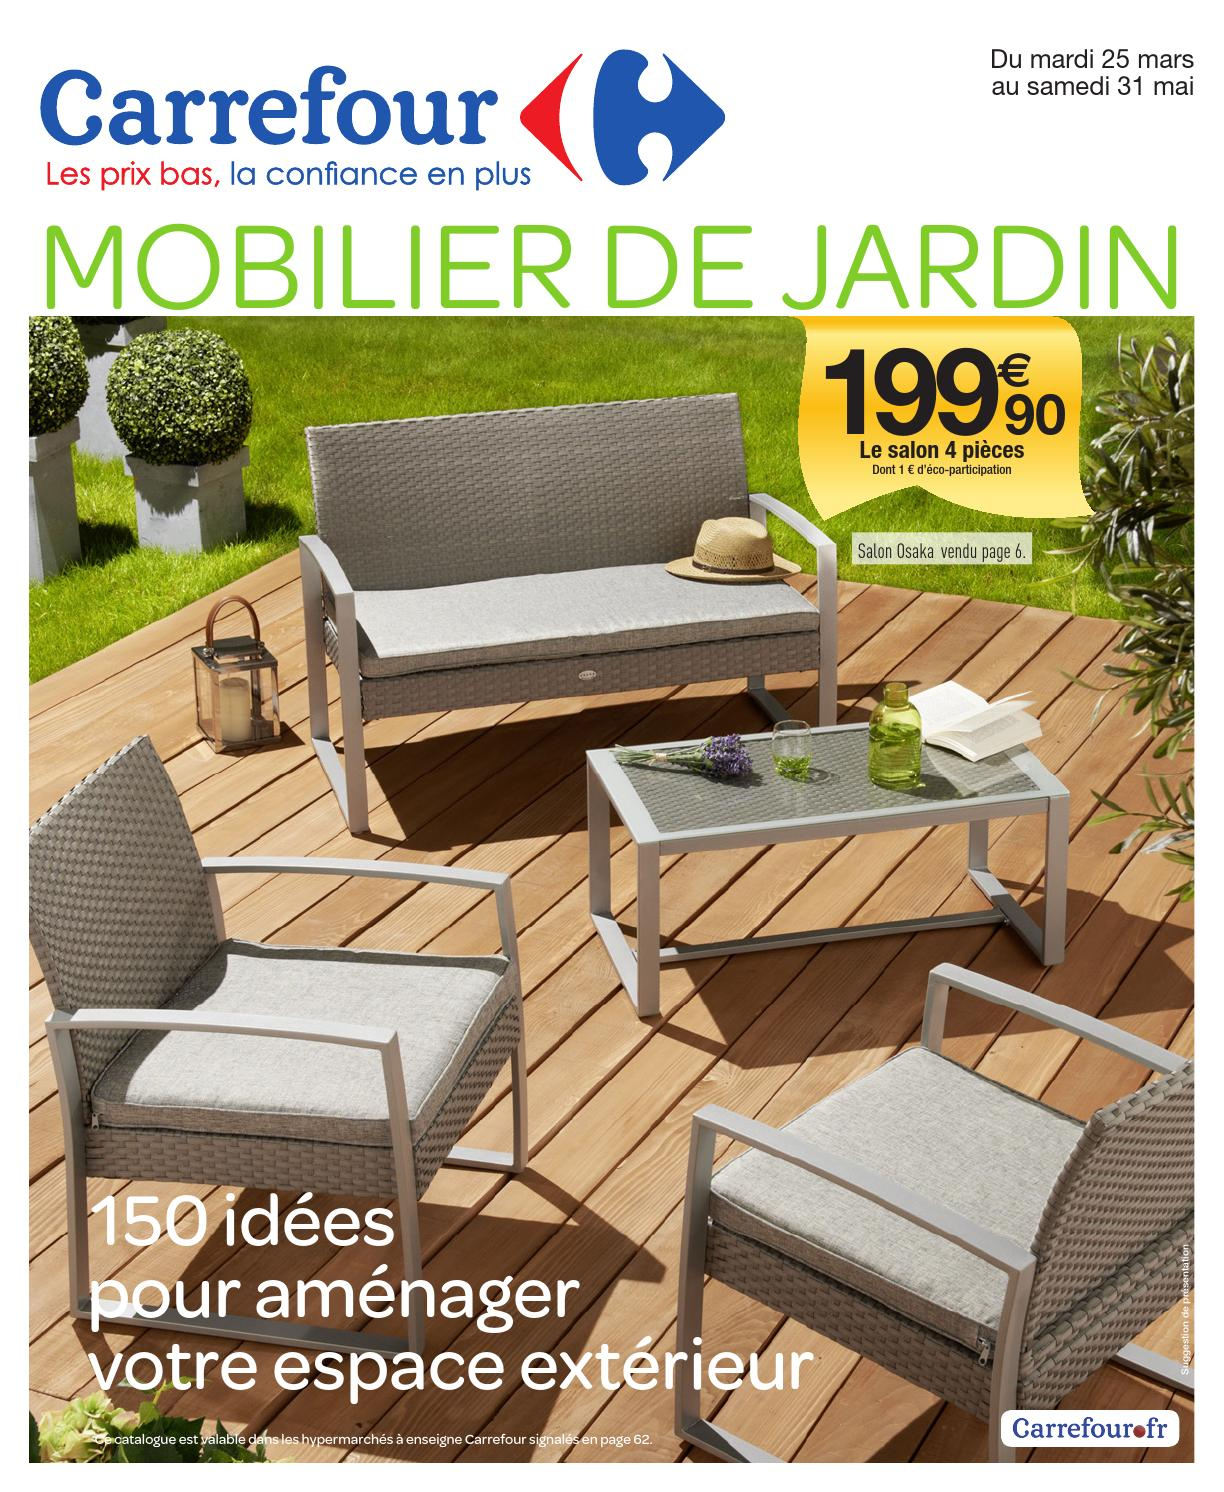 Catalogue Carrefour - 25.03-31.05.2014 By Joe Monroe - Issuu pour Tonnelle De Jardin Leclerc